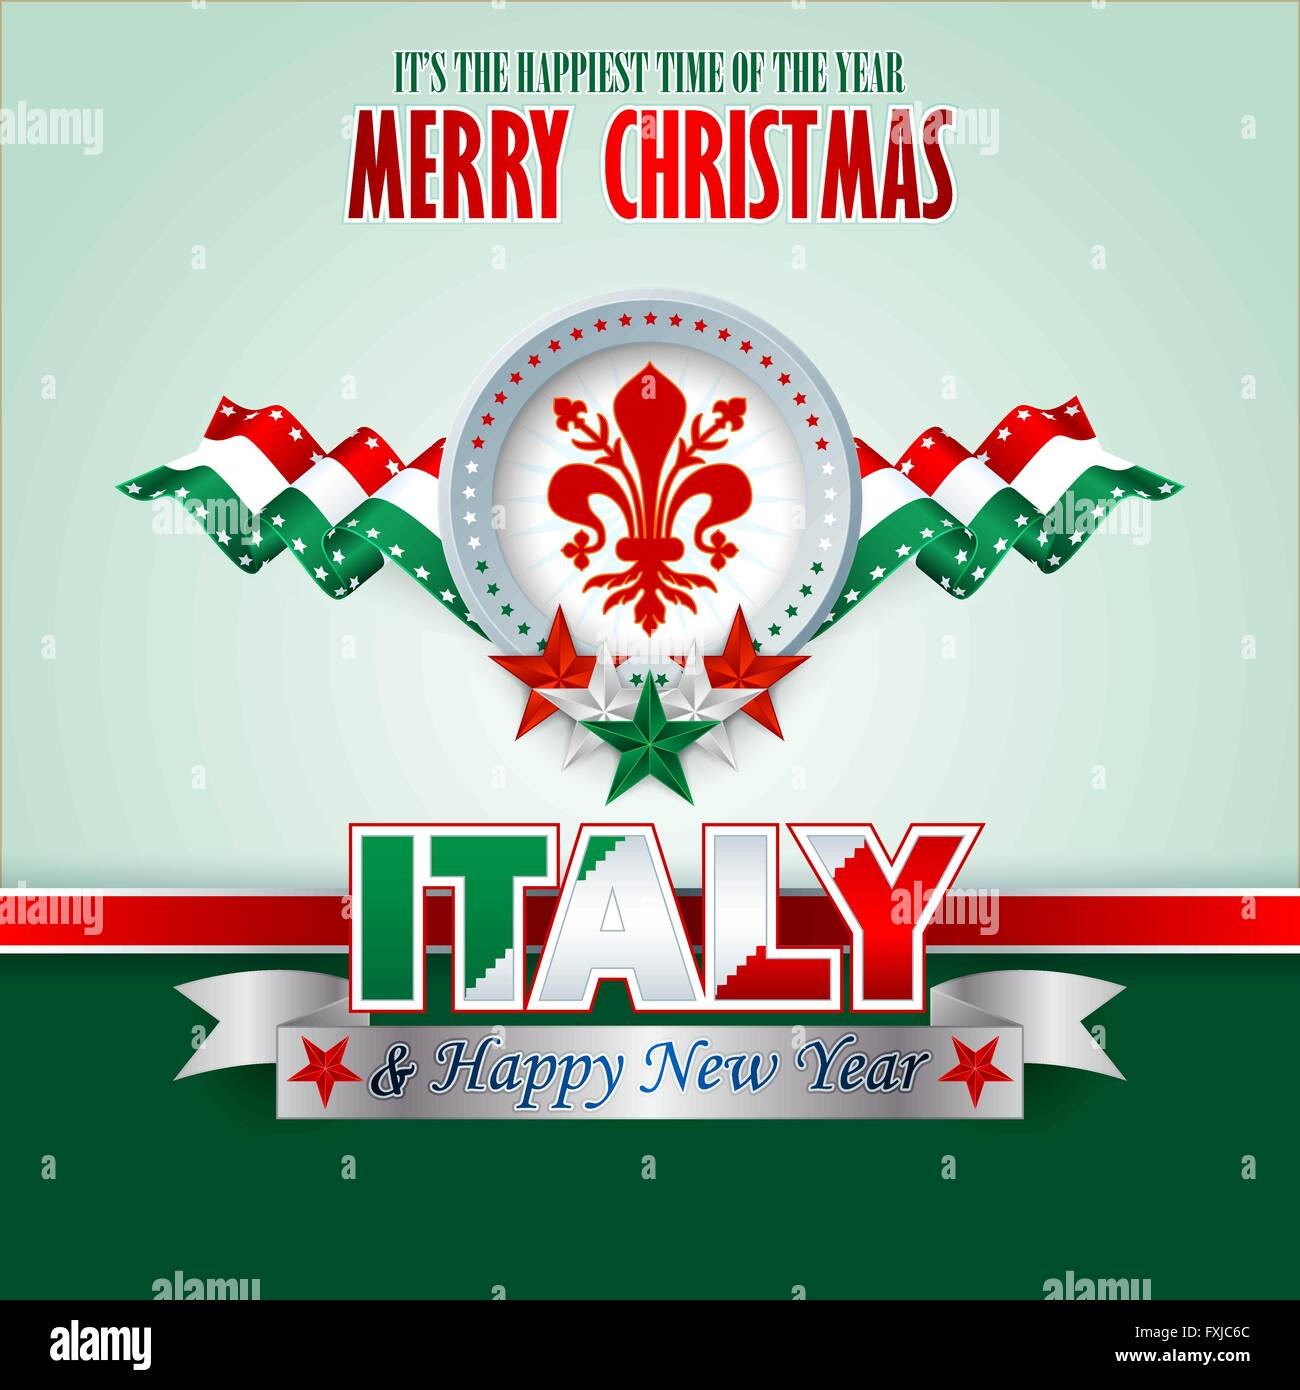 Buon Natale Italia.Buon Natale Sfondo Con Firenze Stemma Sulla Bandiera Nazionale I Colori Per Il Natale In Italia Immagine E Vettoriale Alamy